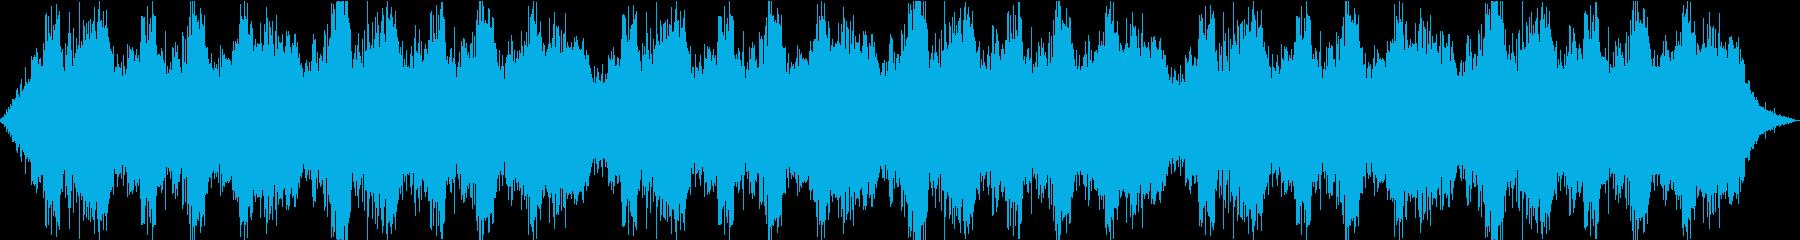 夜の廃墟などで使える汎用性の高い環境音楽の再生済みの波形